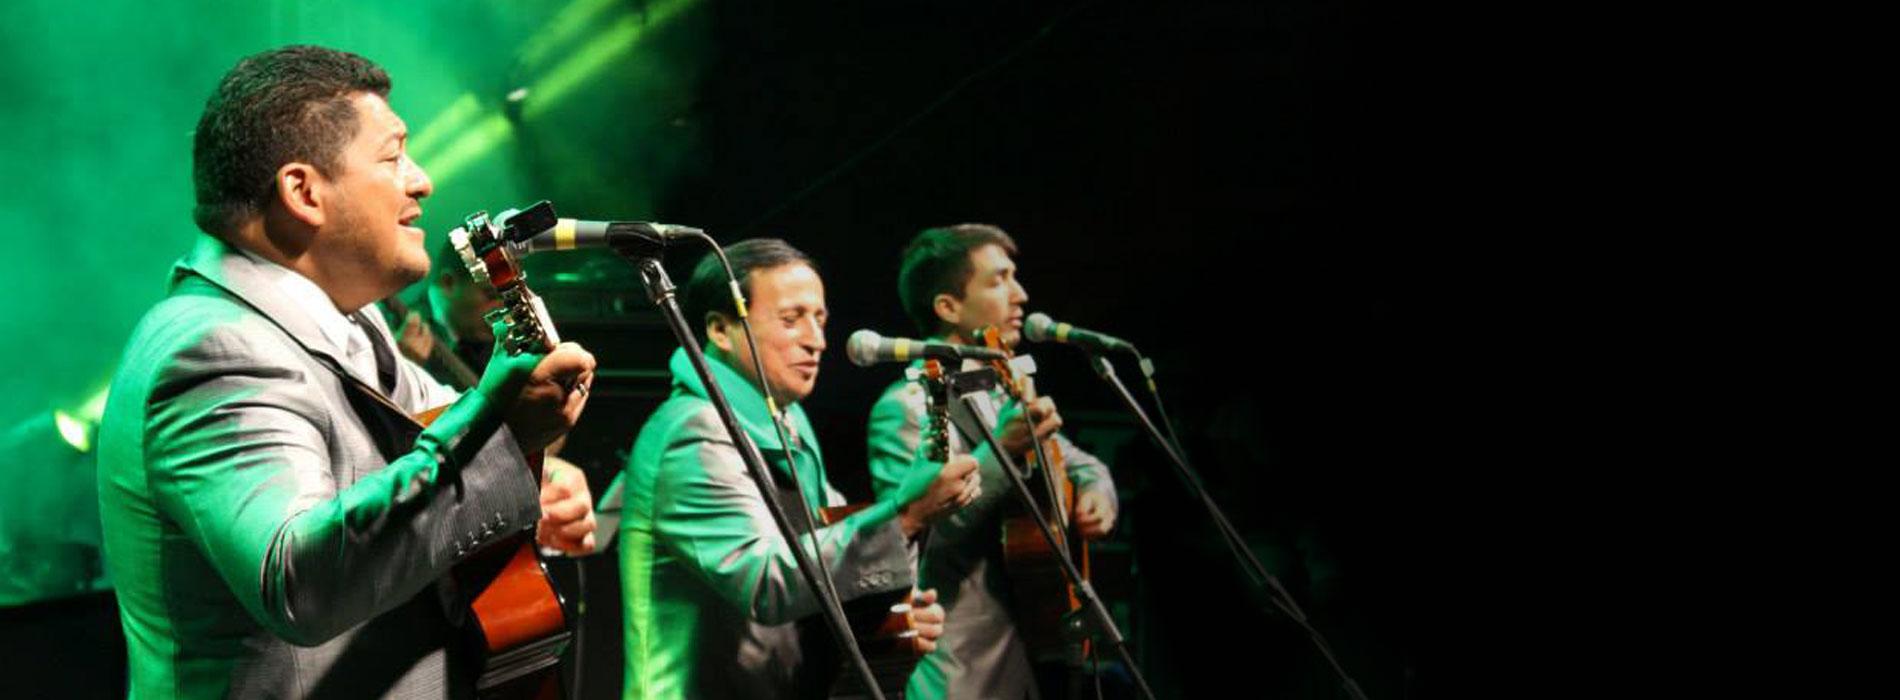 Músicos tocando en fomato trío romántico